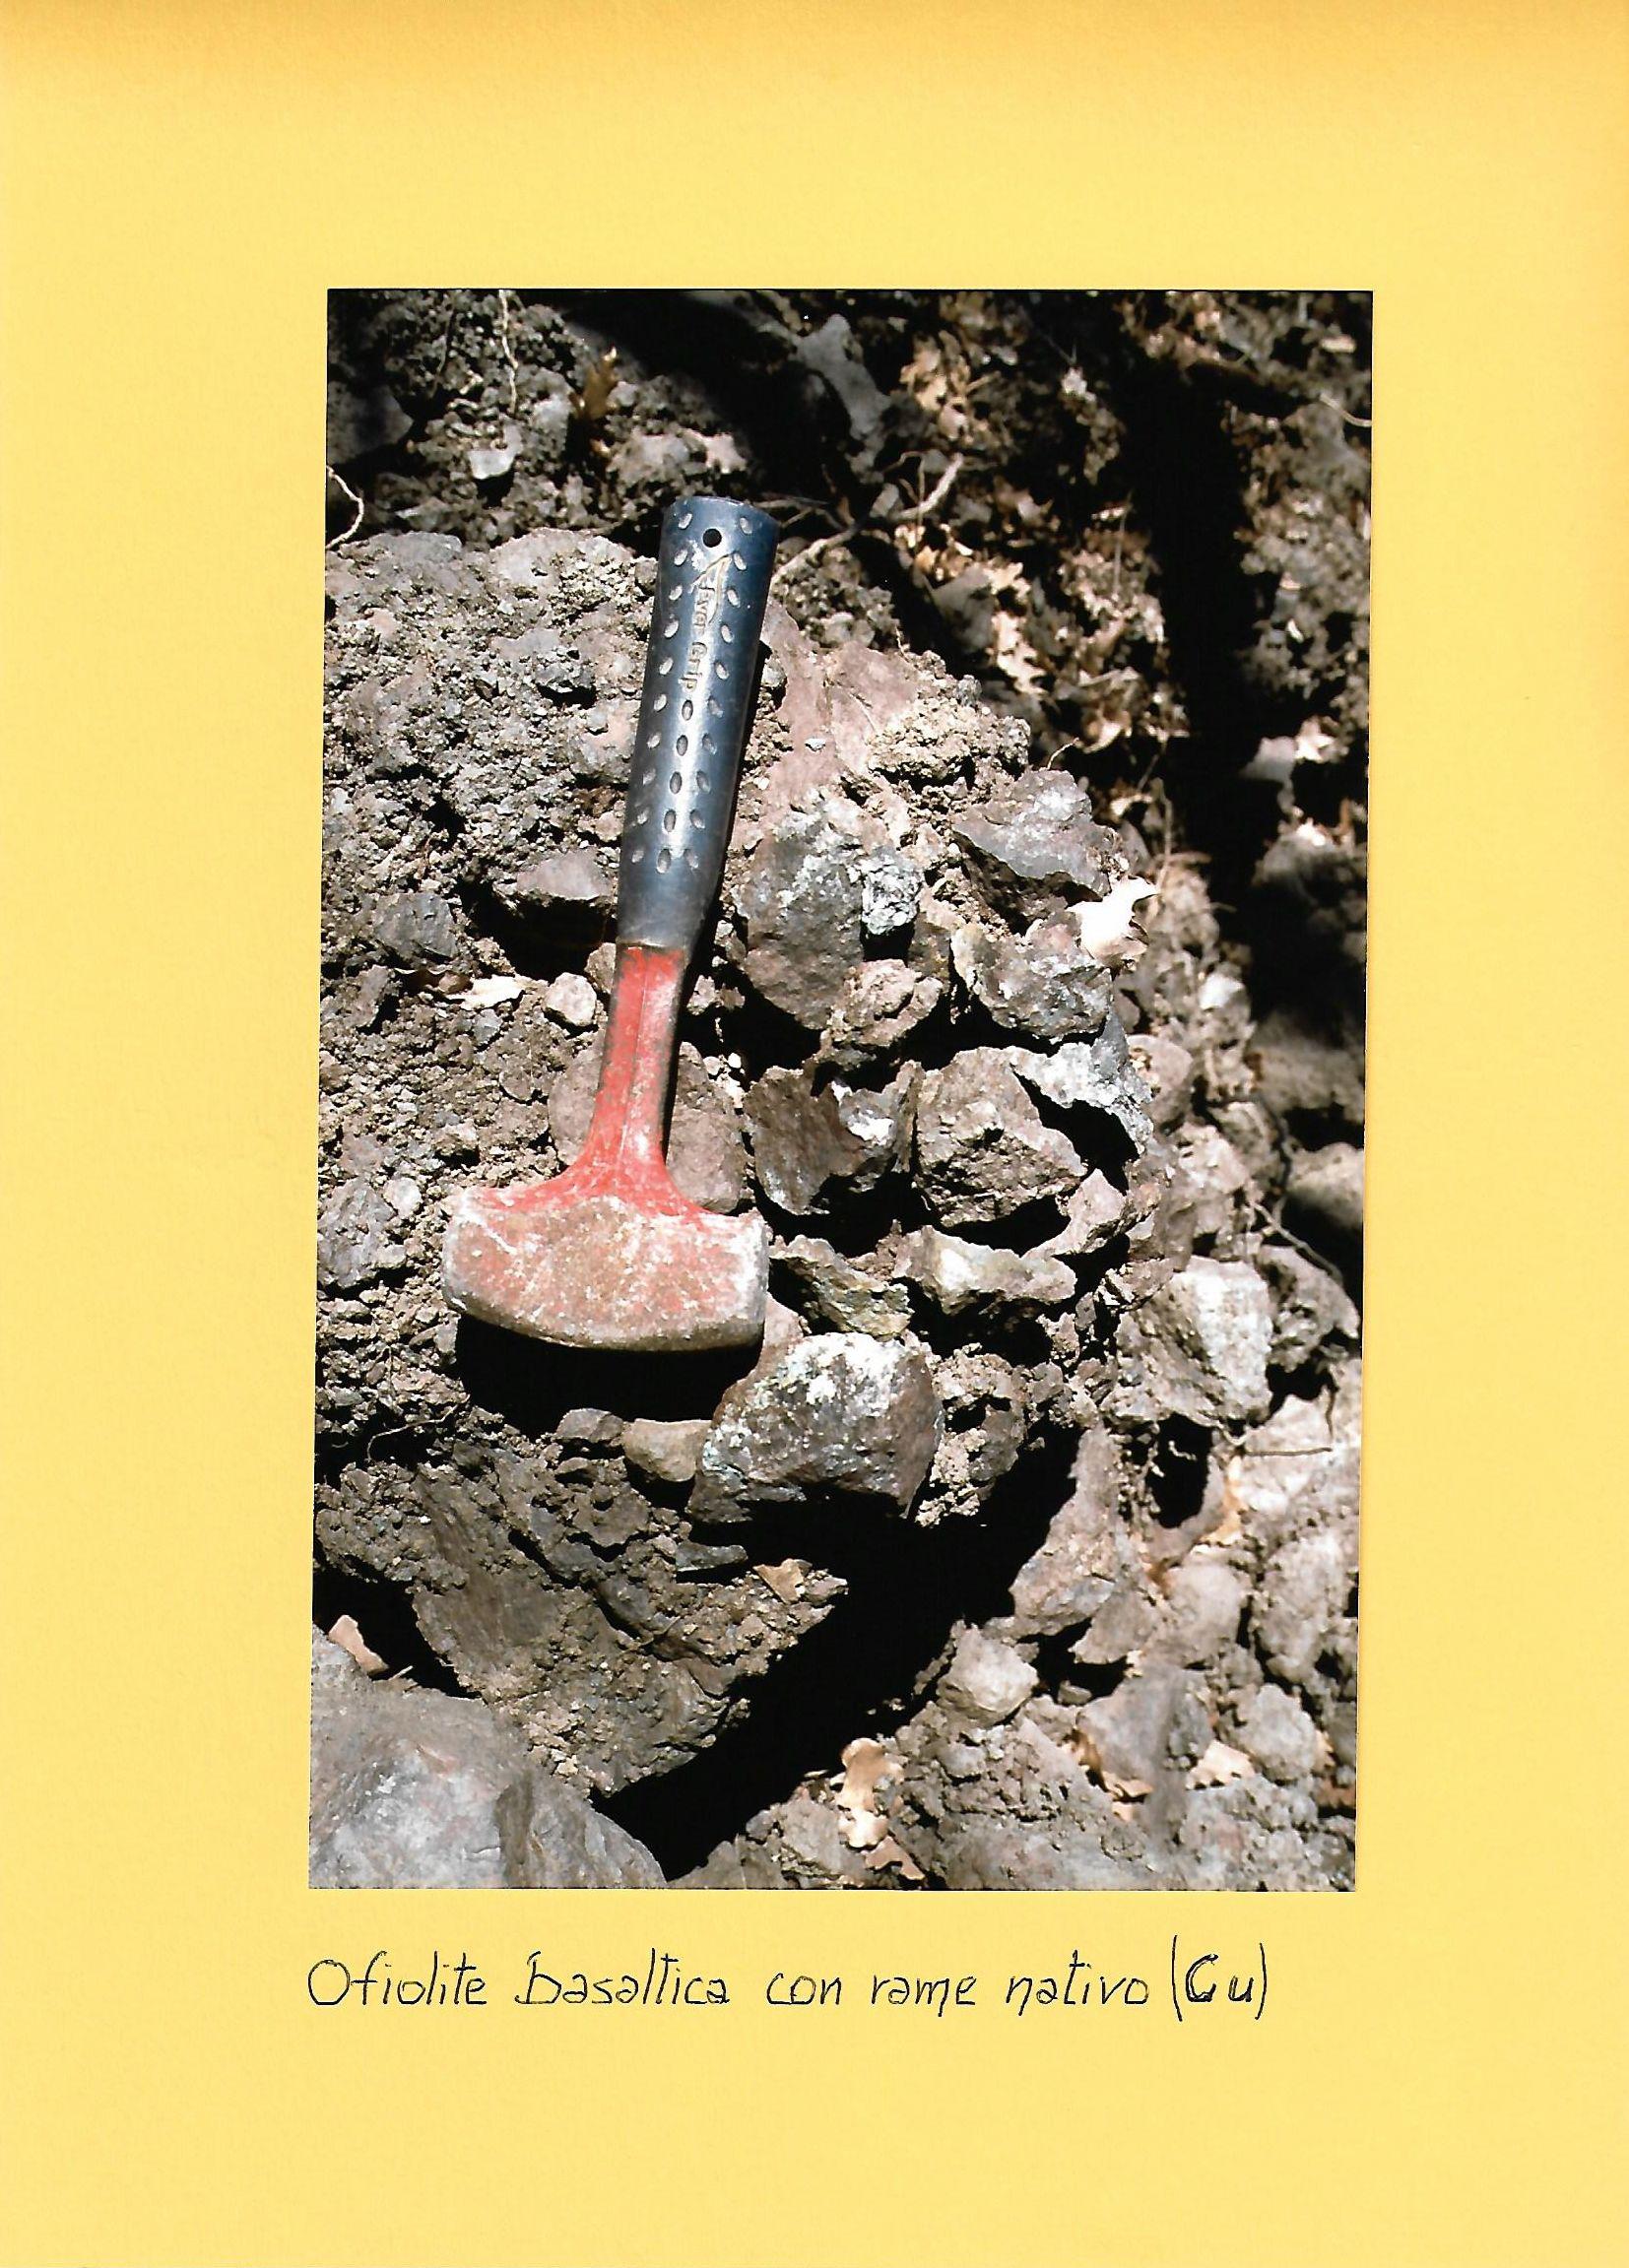 Ritrovamento rame nativo su basalto alta valle dell'Idice